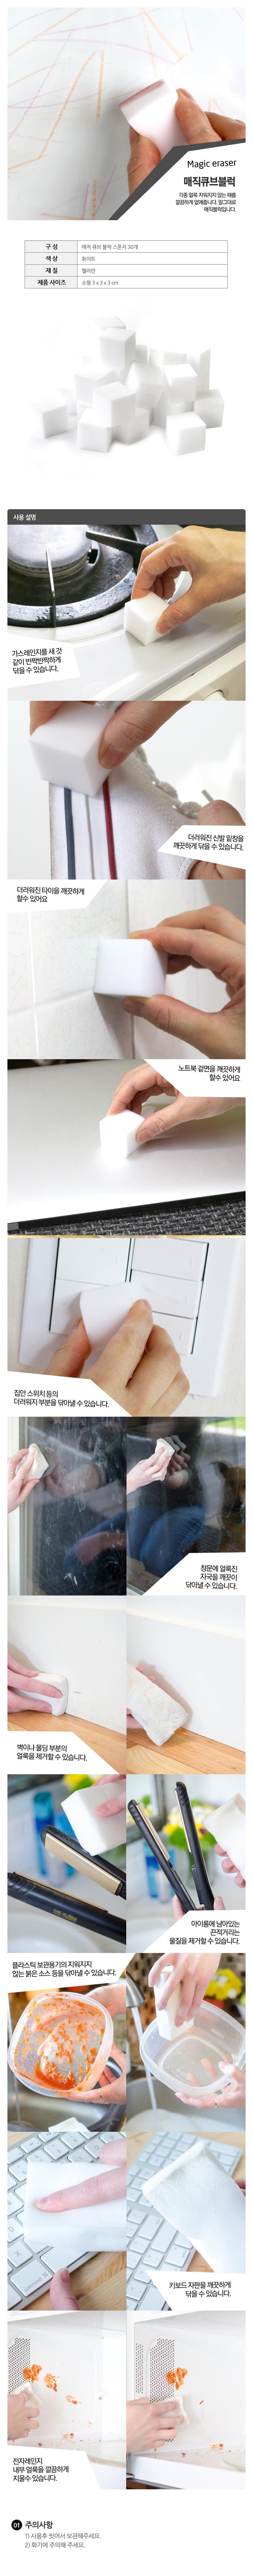 아파트32 매직스폰지 큐브 30P 매직크리너 청소스폰지 - 아파트32, 7,000원, 설거지 용품, 수세미